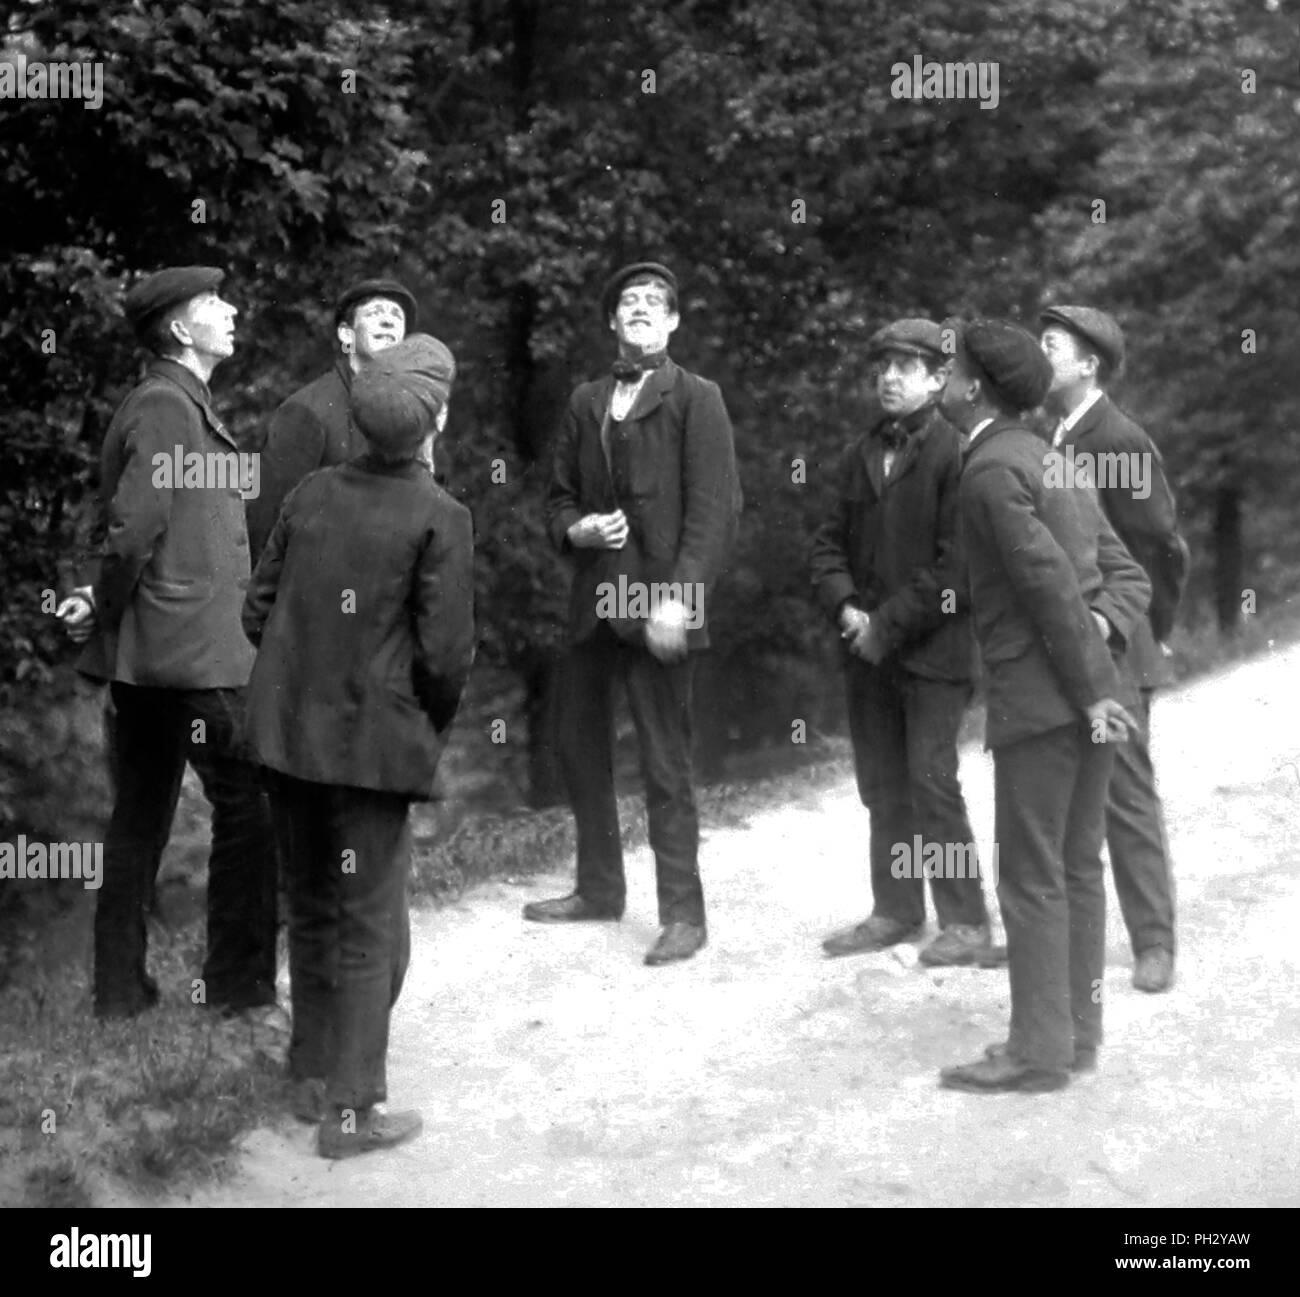 Männer spielen werfen und Tonhöhe, Viktorianischen Periode Stockfoto